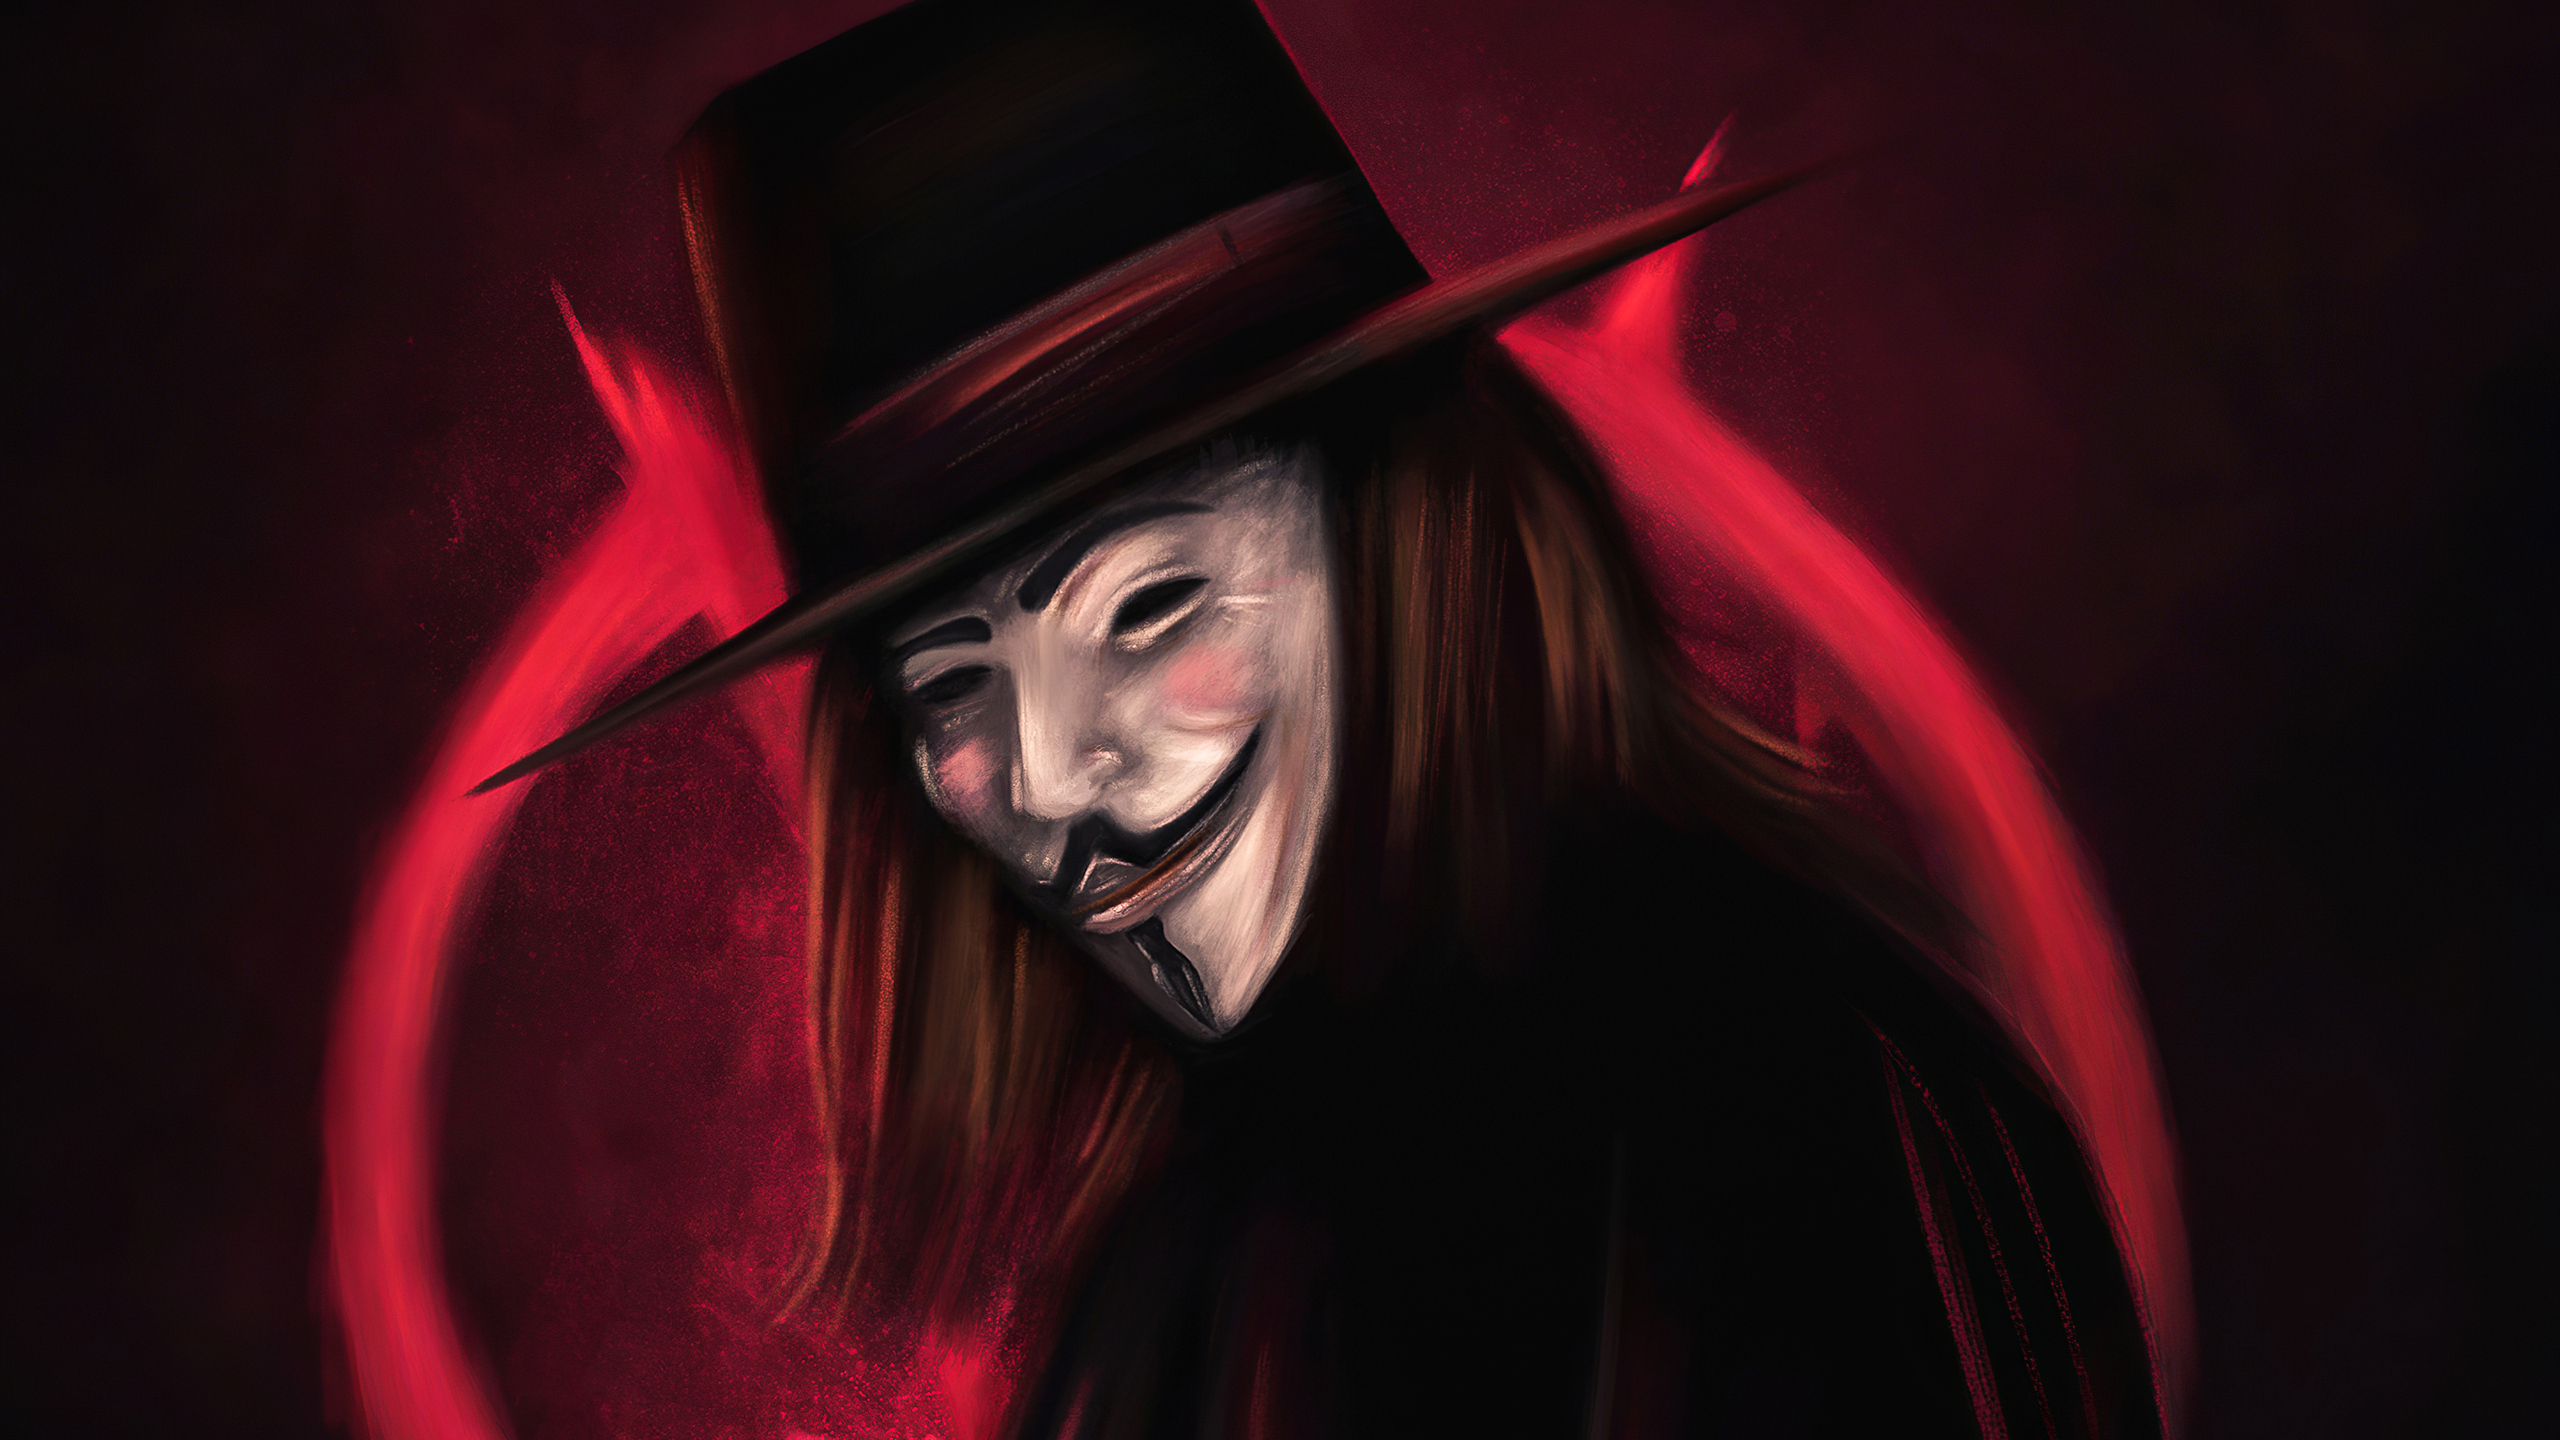 vendetta-anonymus-4k-5q.jpg